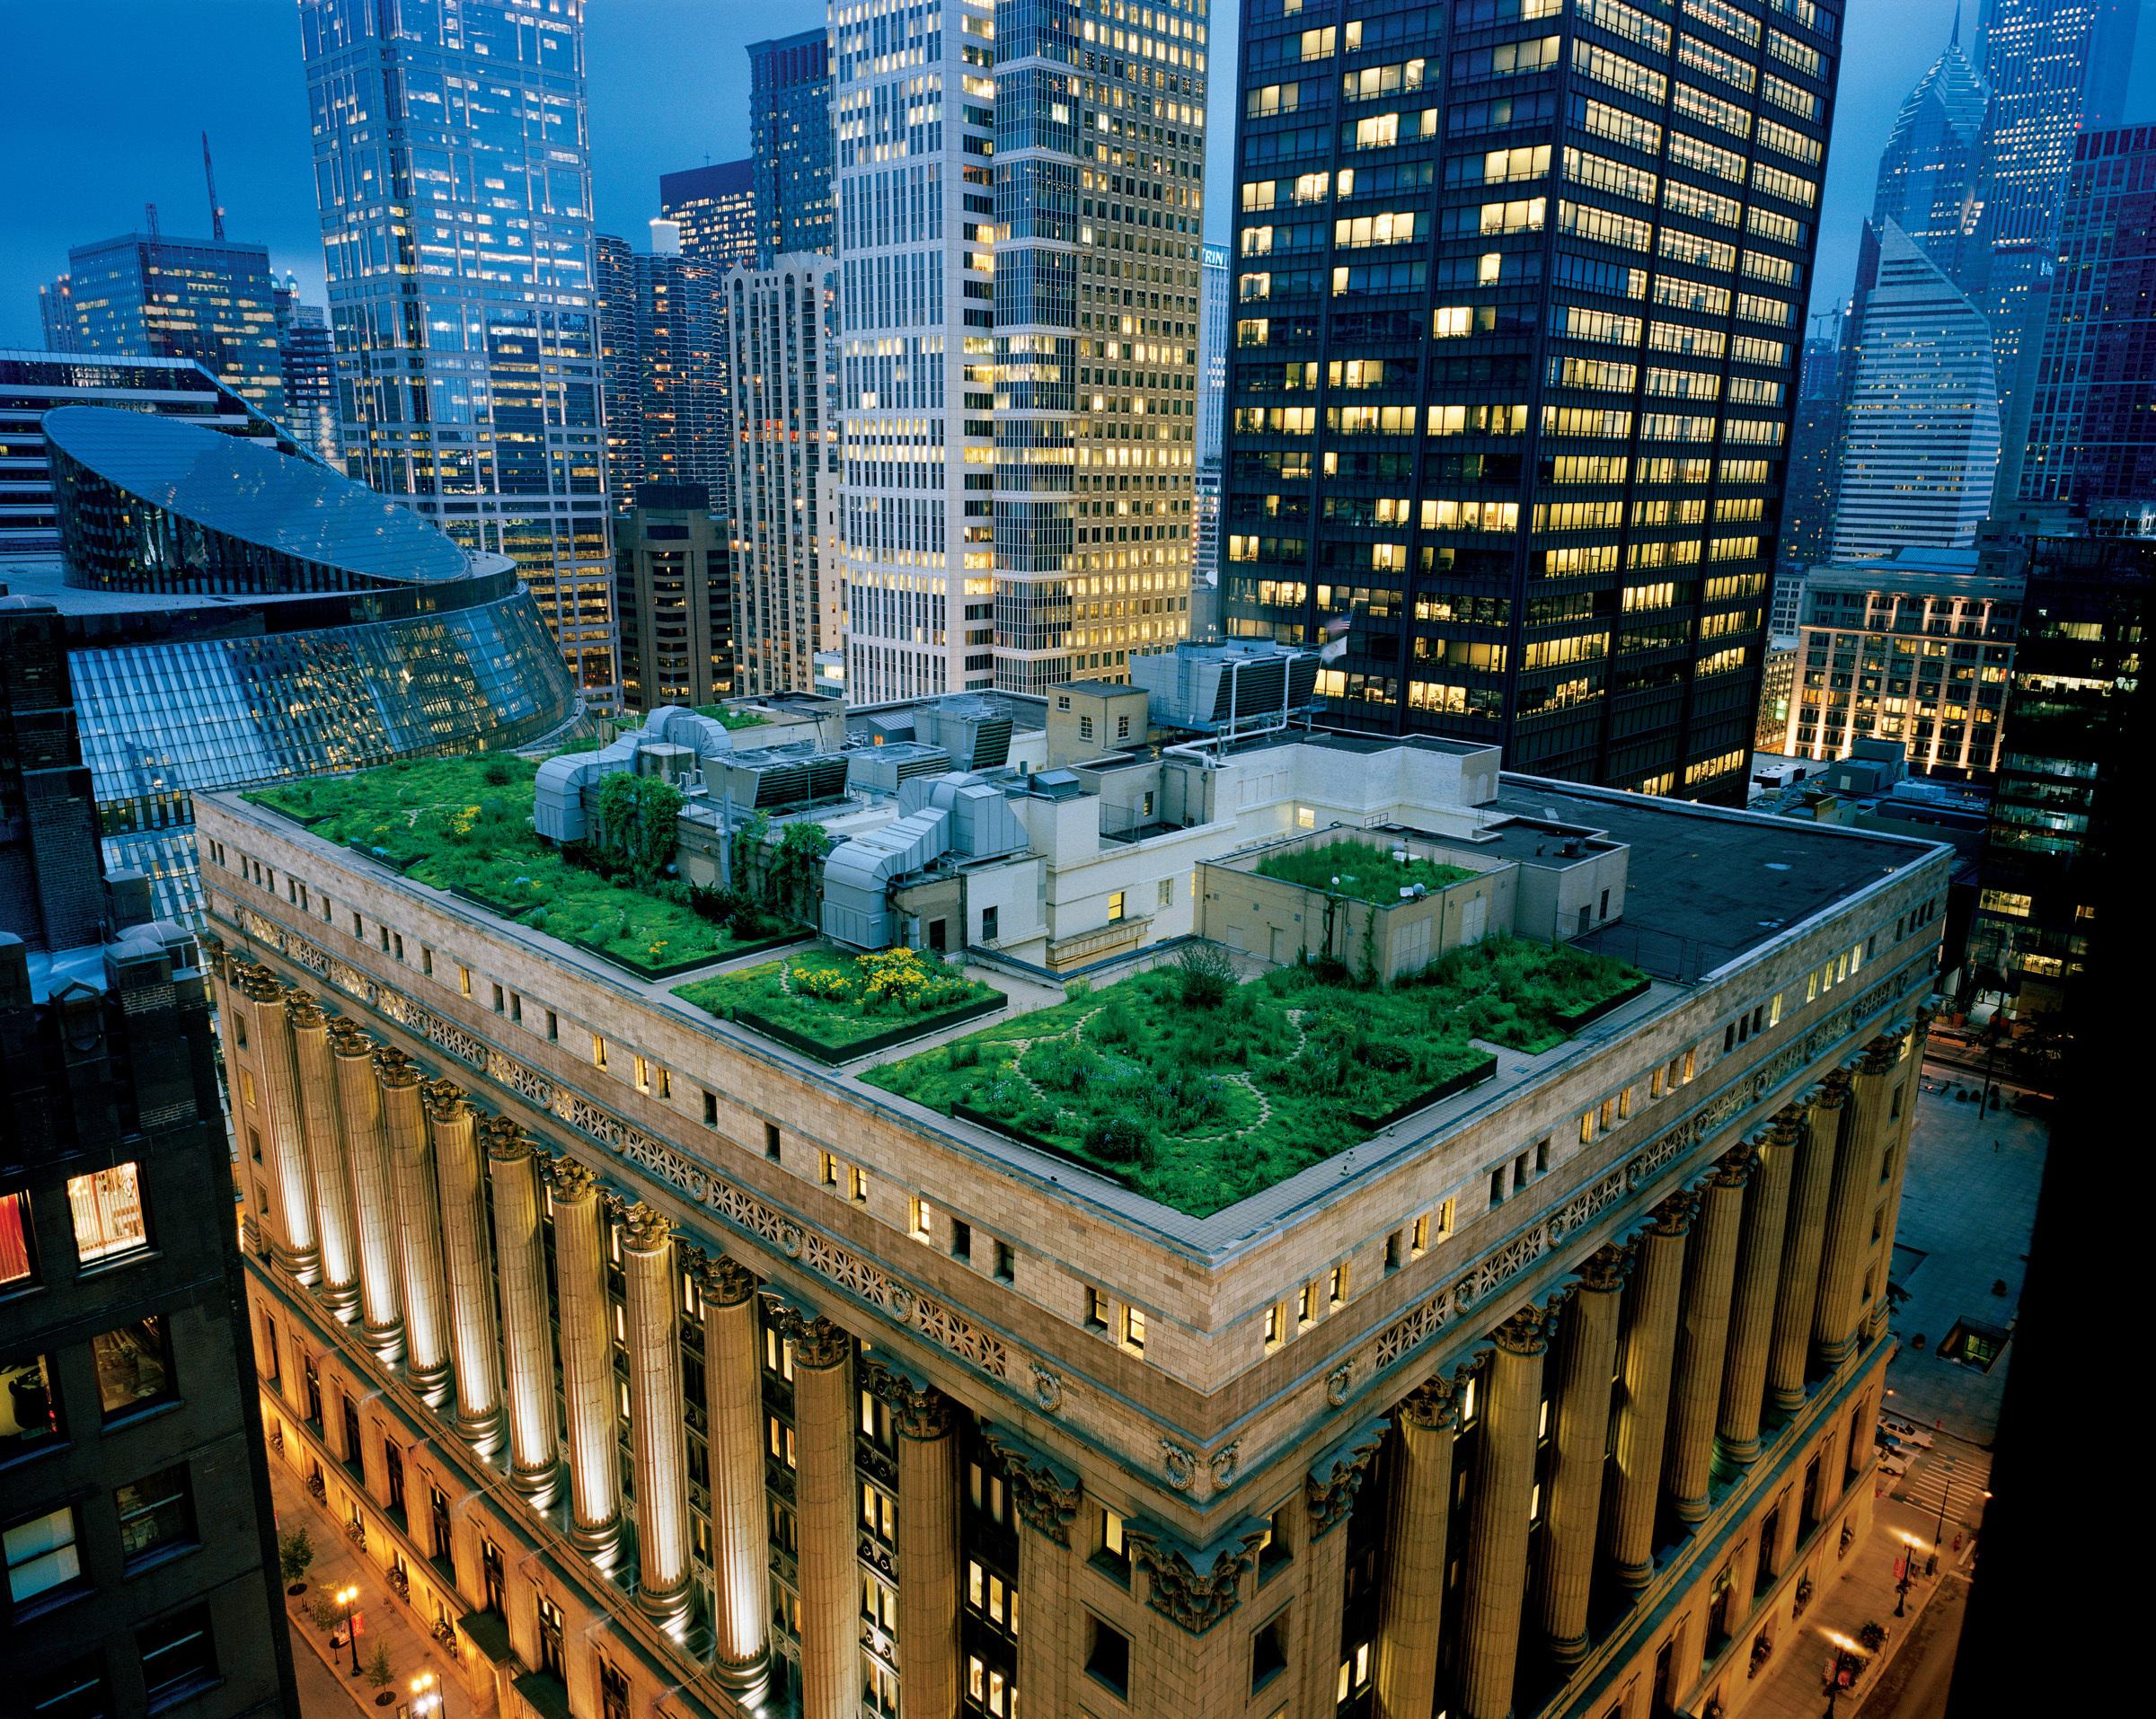 Книга зелень небоскребы без смс